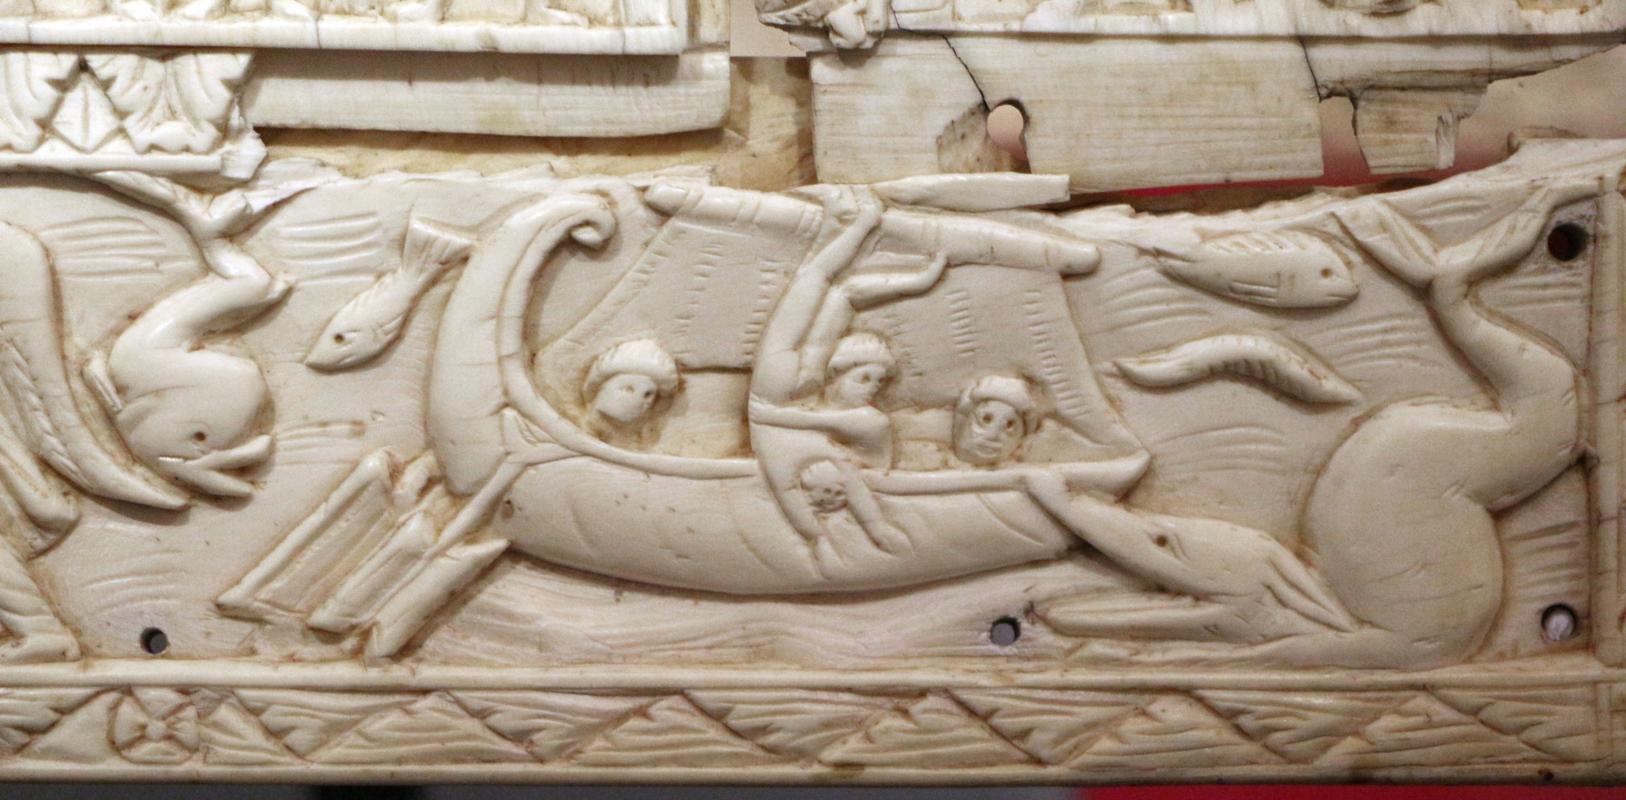 Fattura forse egiziana, coperta di evangeliario detta dittico di murano, avorio, 500-550 ca. 04 giona gettato in mare - Sailko - Ravenna (RA)